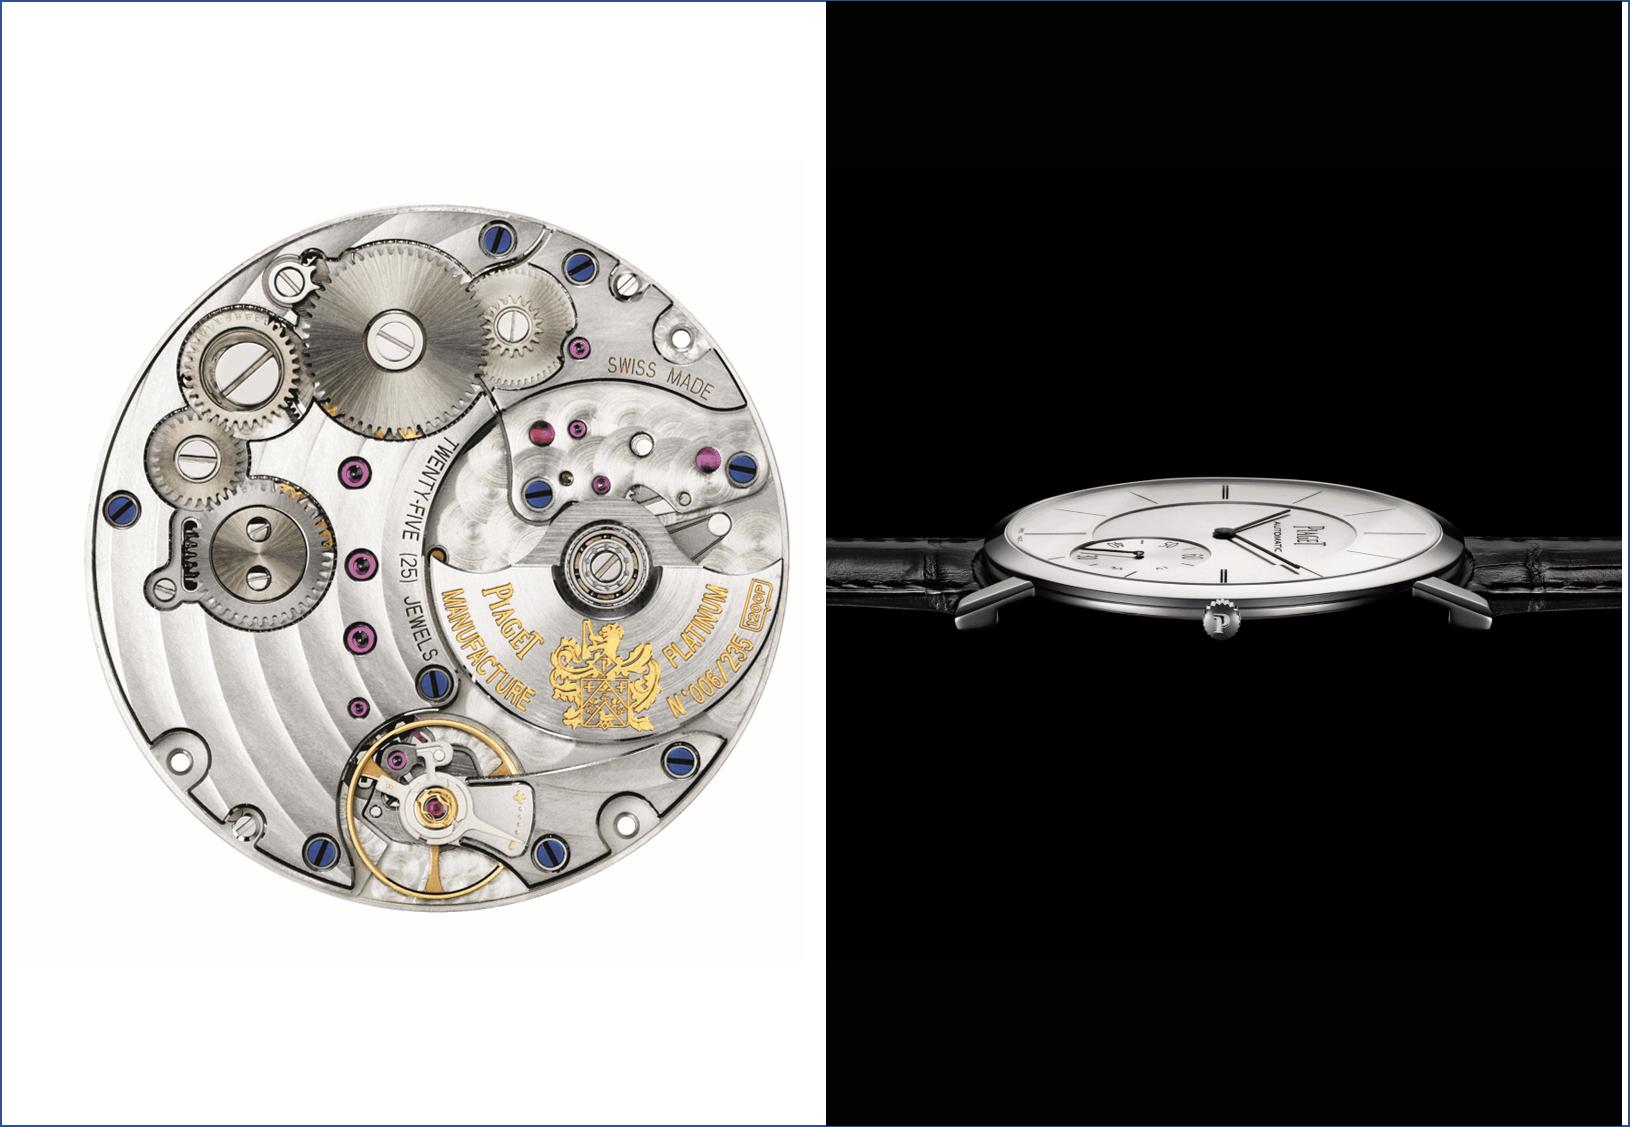 Piaget Altiplano Kaliber 12P und 1200PPiaget Altiplano: Die flachste Uhr der Welt